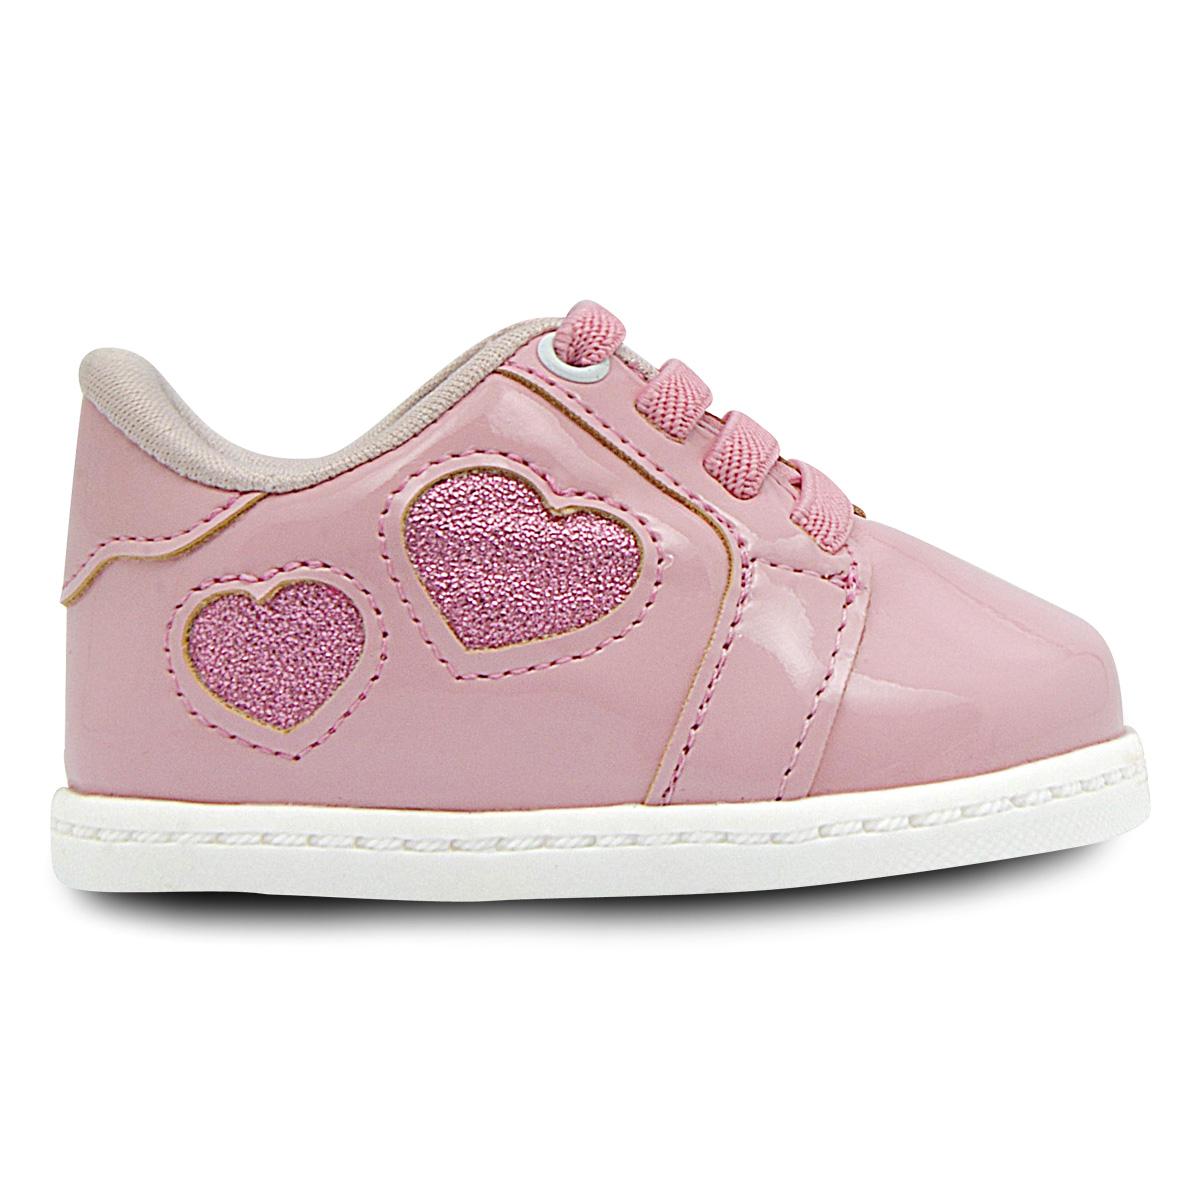 Tênis Infantil Neném Rosa com Coração Glitter Elástico Menina